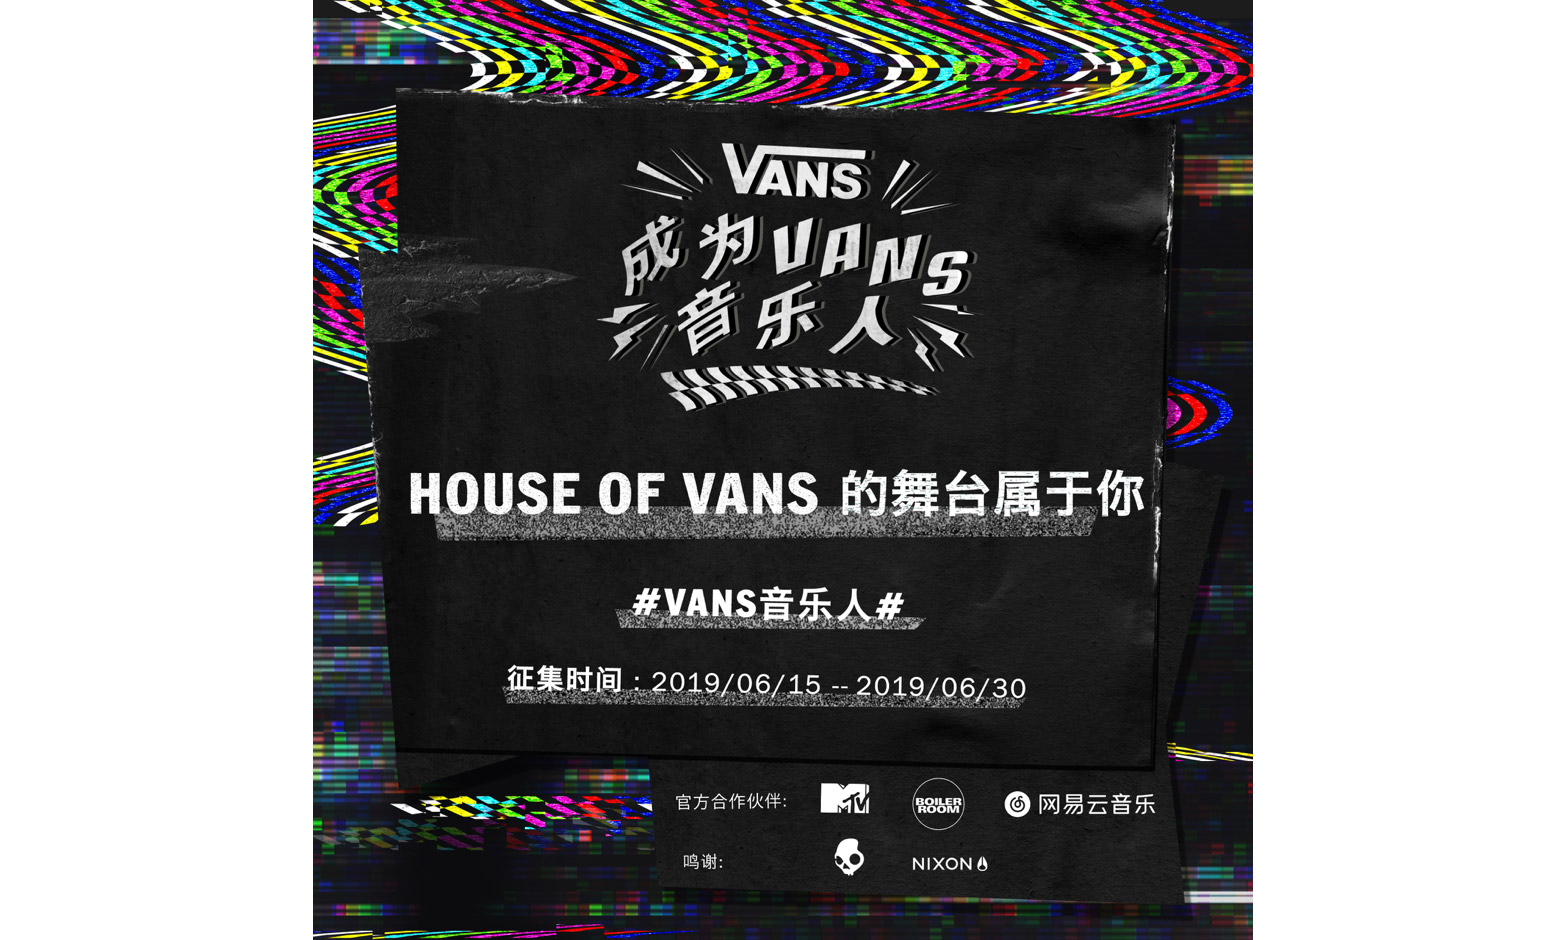 属于你的舞台,2019 年 Vans 音乐人征集大赛即日开启